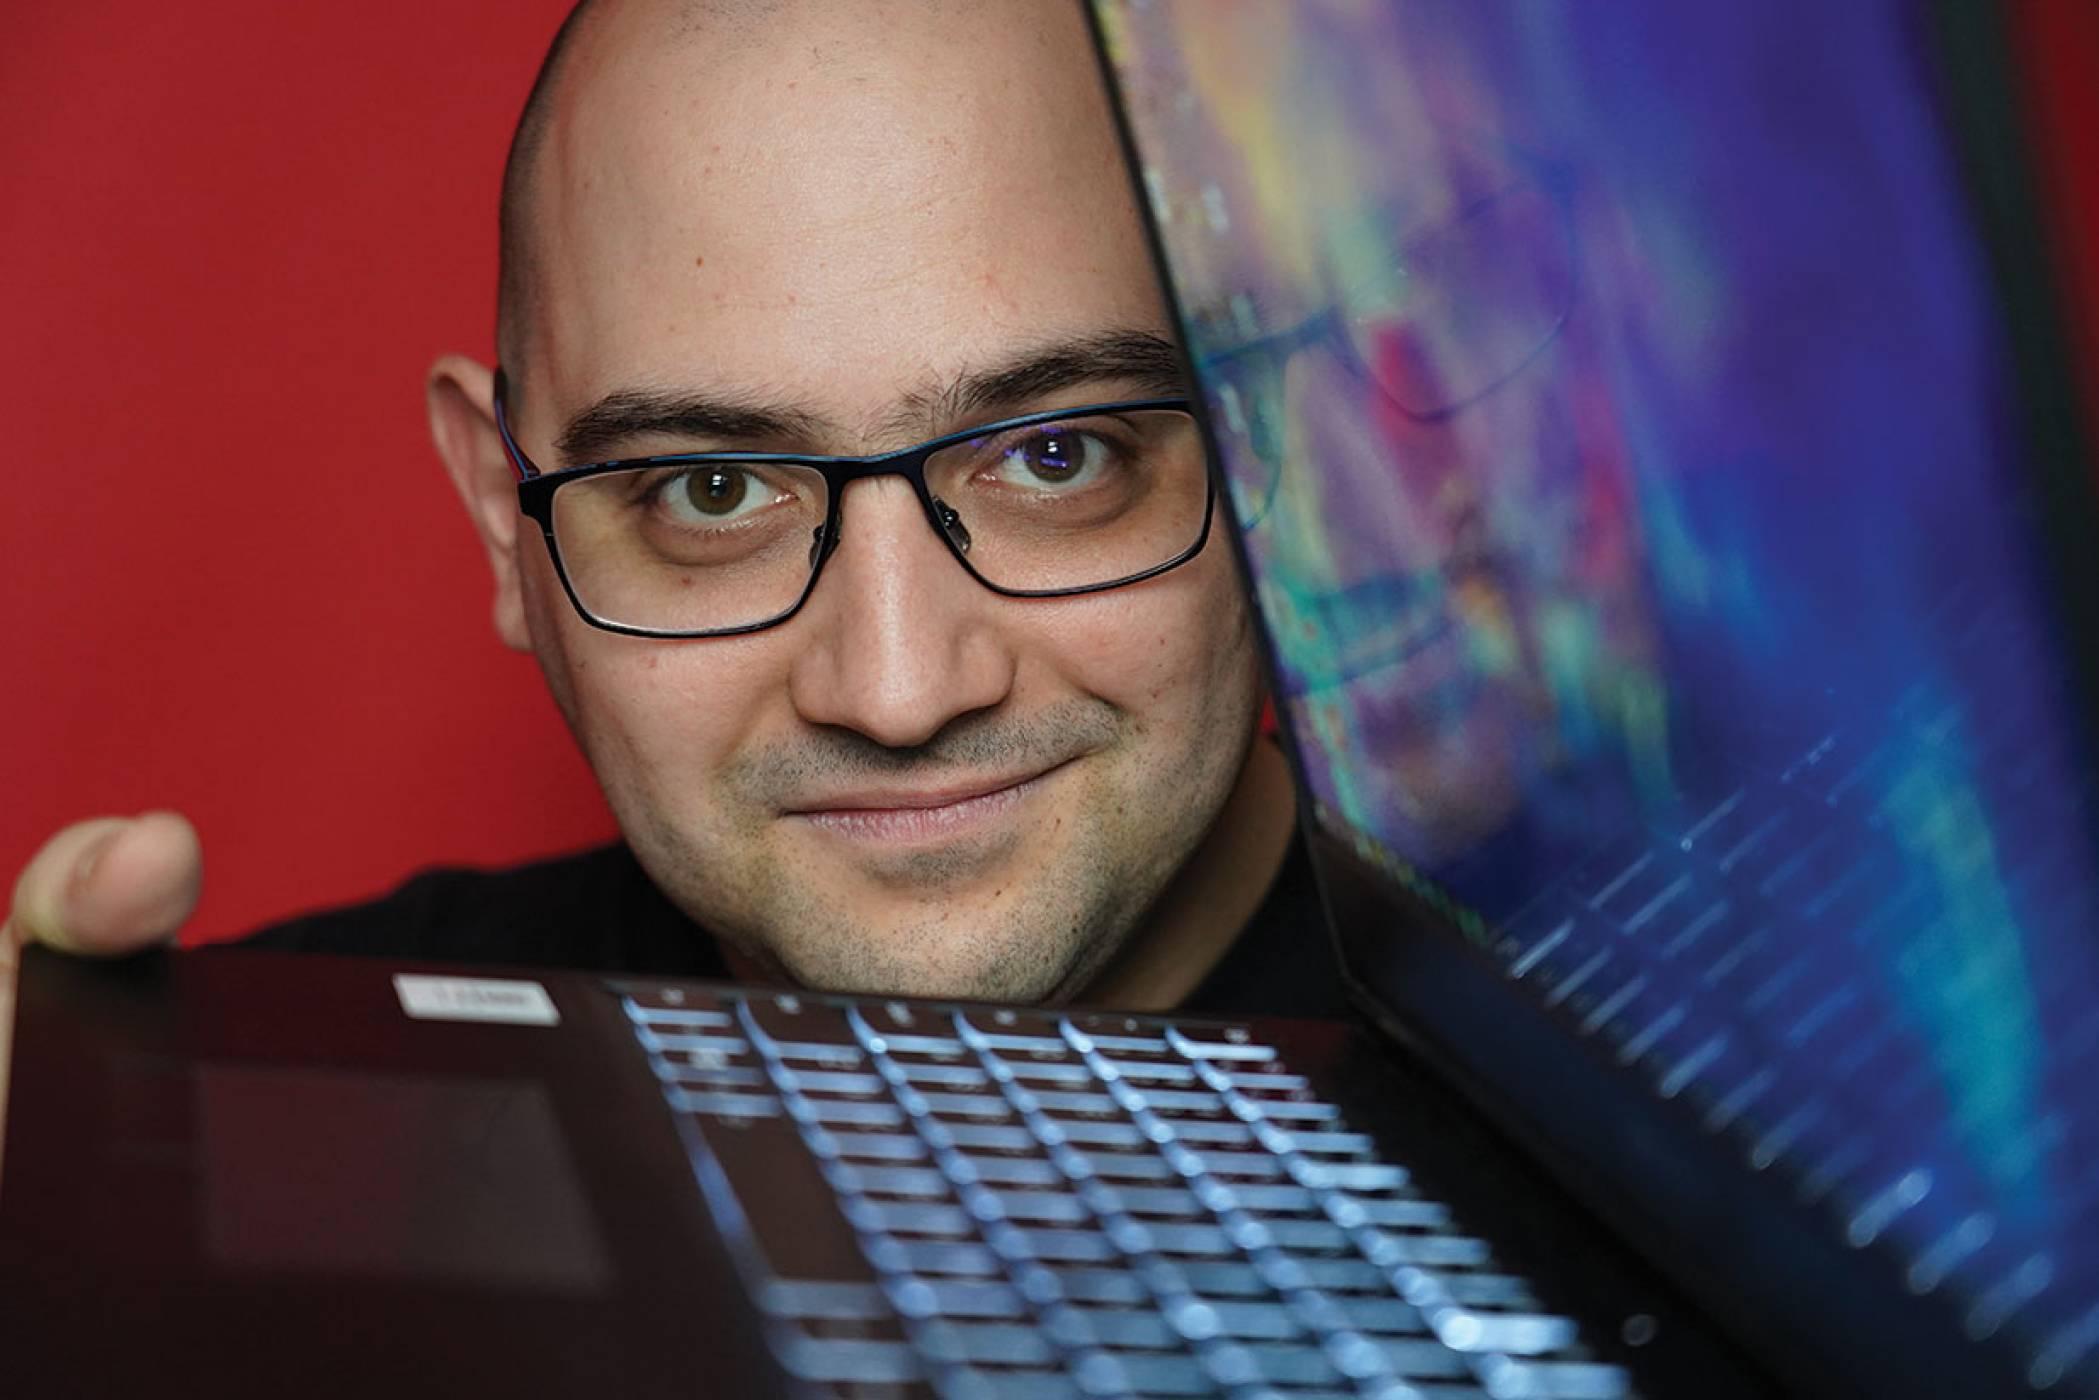 NoThx споделя: Геймингът с този лаптоп позволява да играя най-тежките игри с максимални настройки